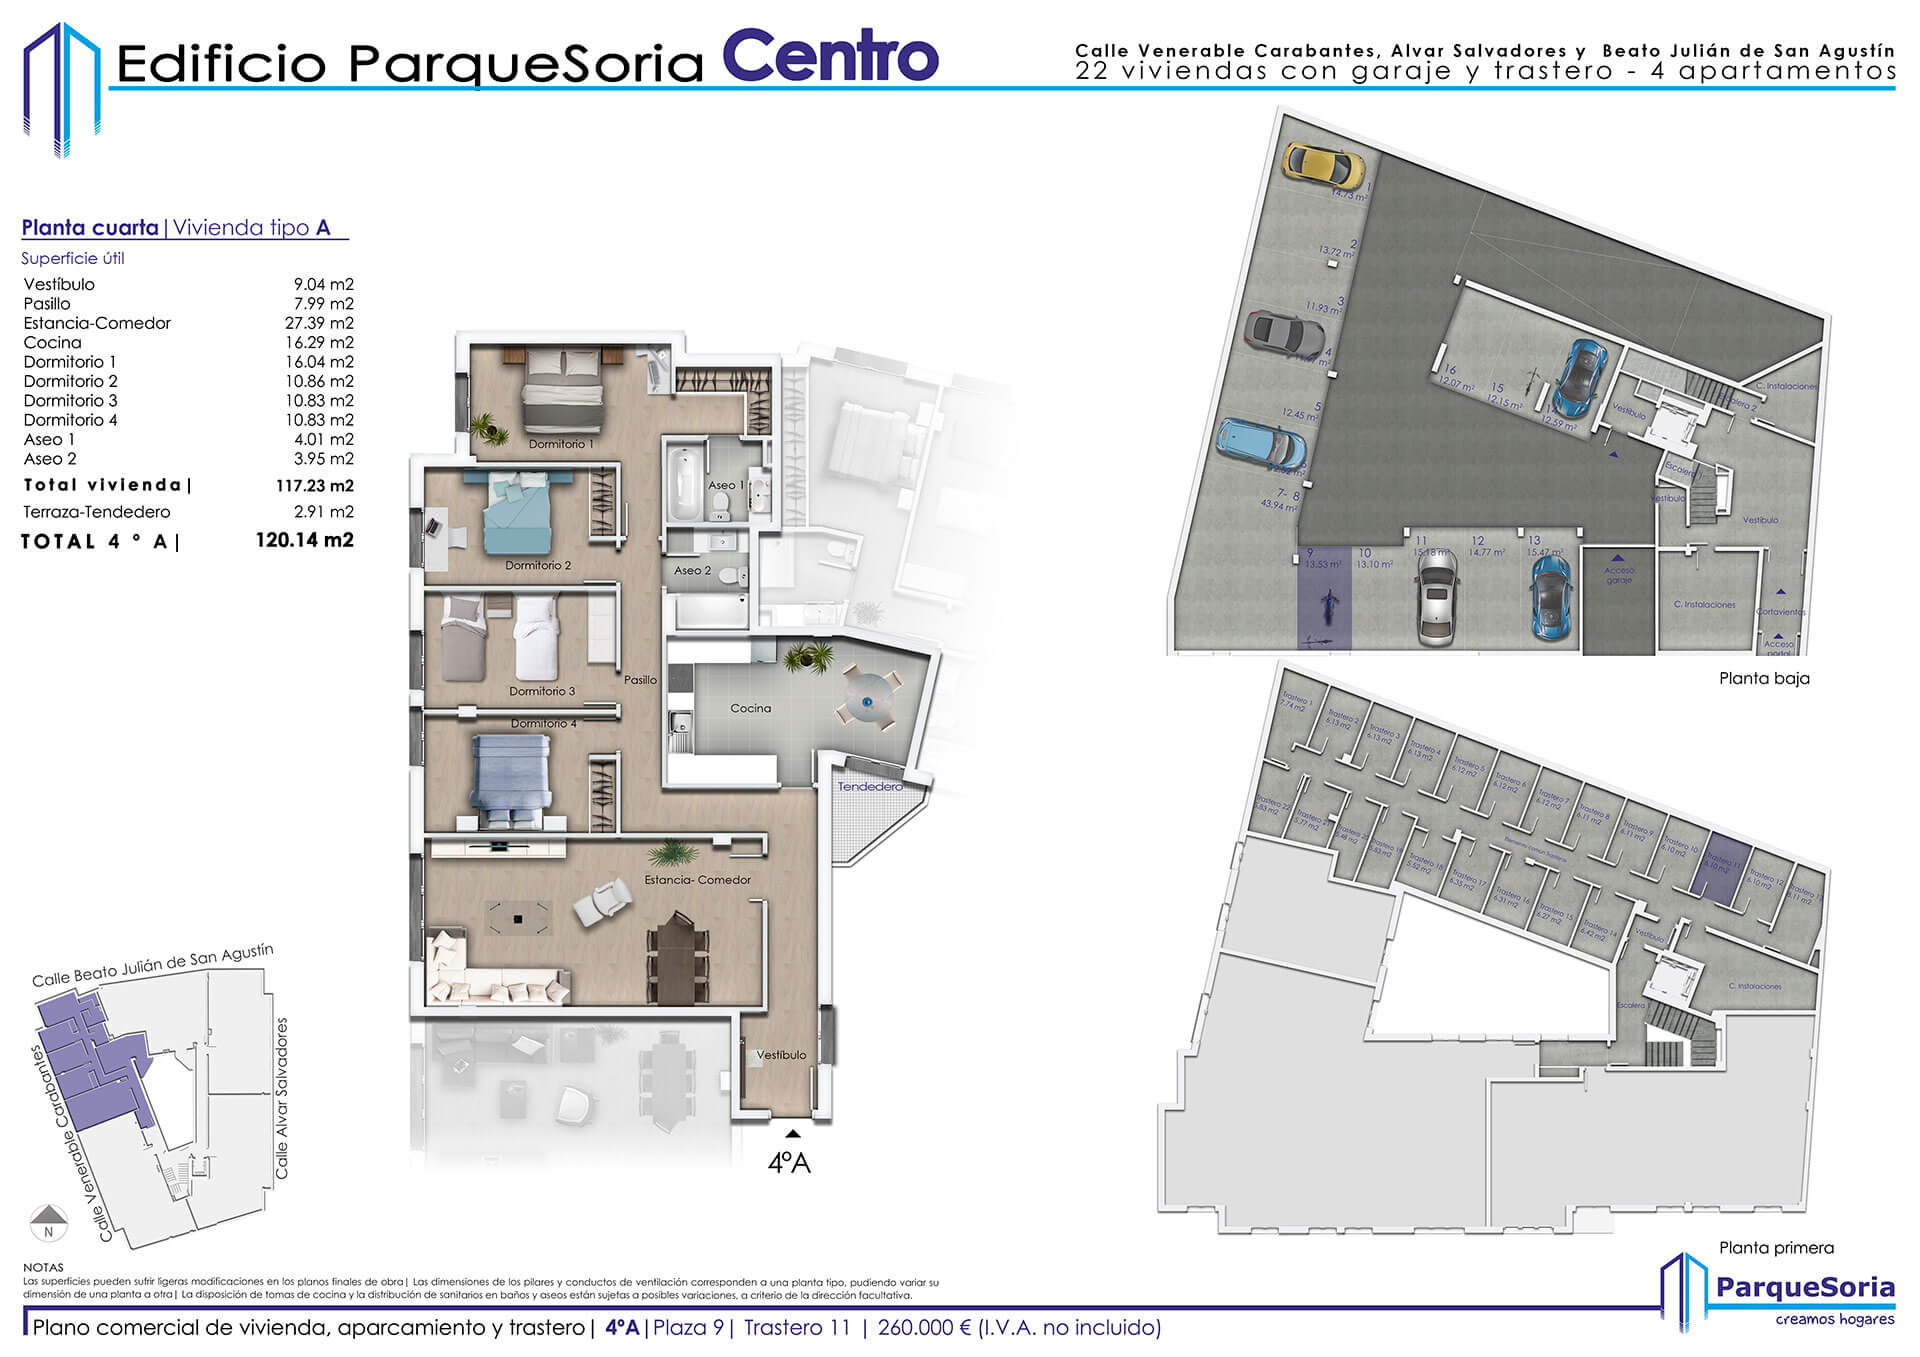 4A-ParqueSoria-Centro